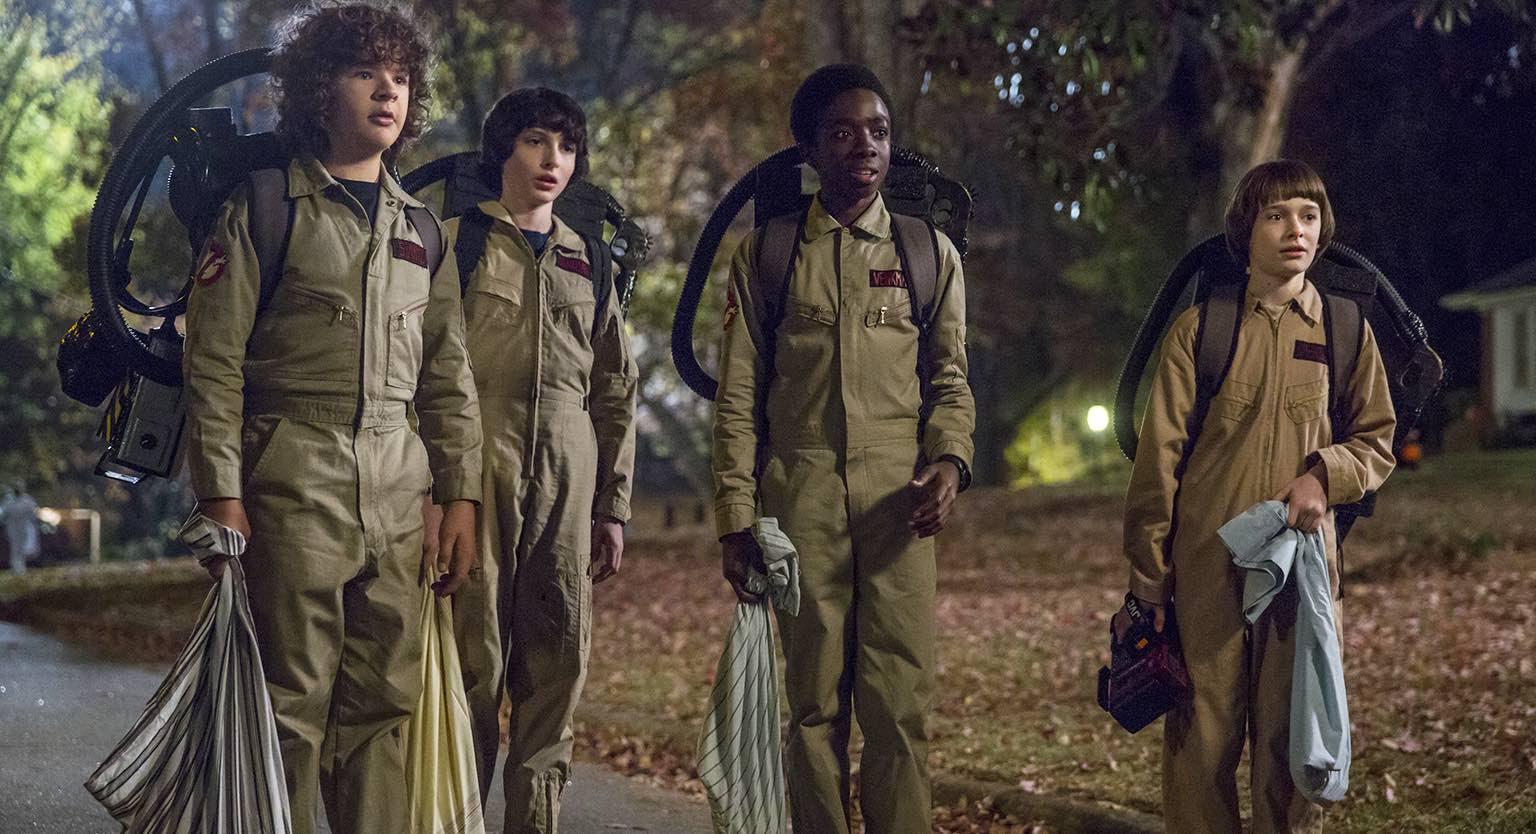 Od Krotitelů duchů k Vetřelcům - všechny odkazy z druhé sezóny Stranger Things